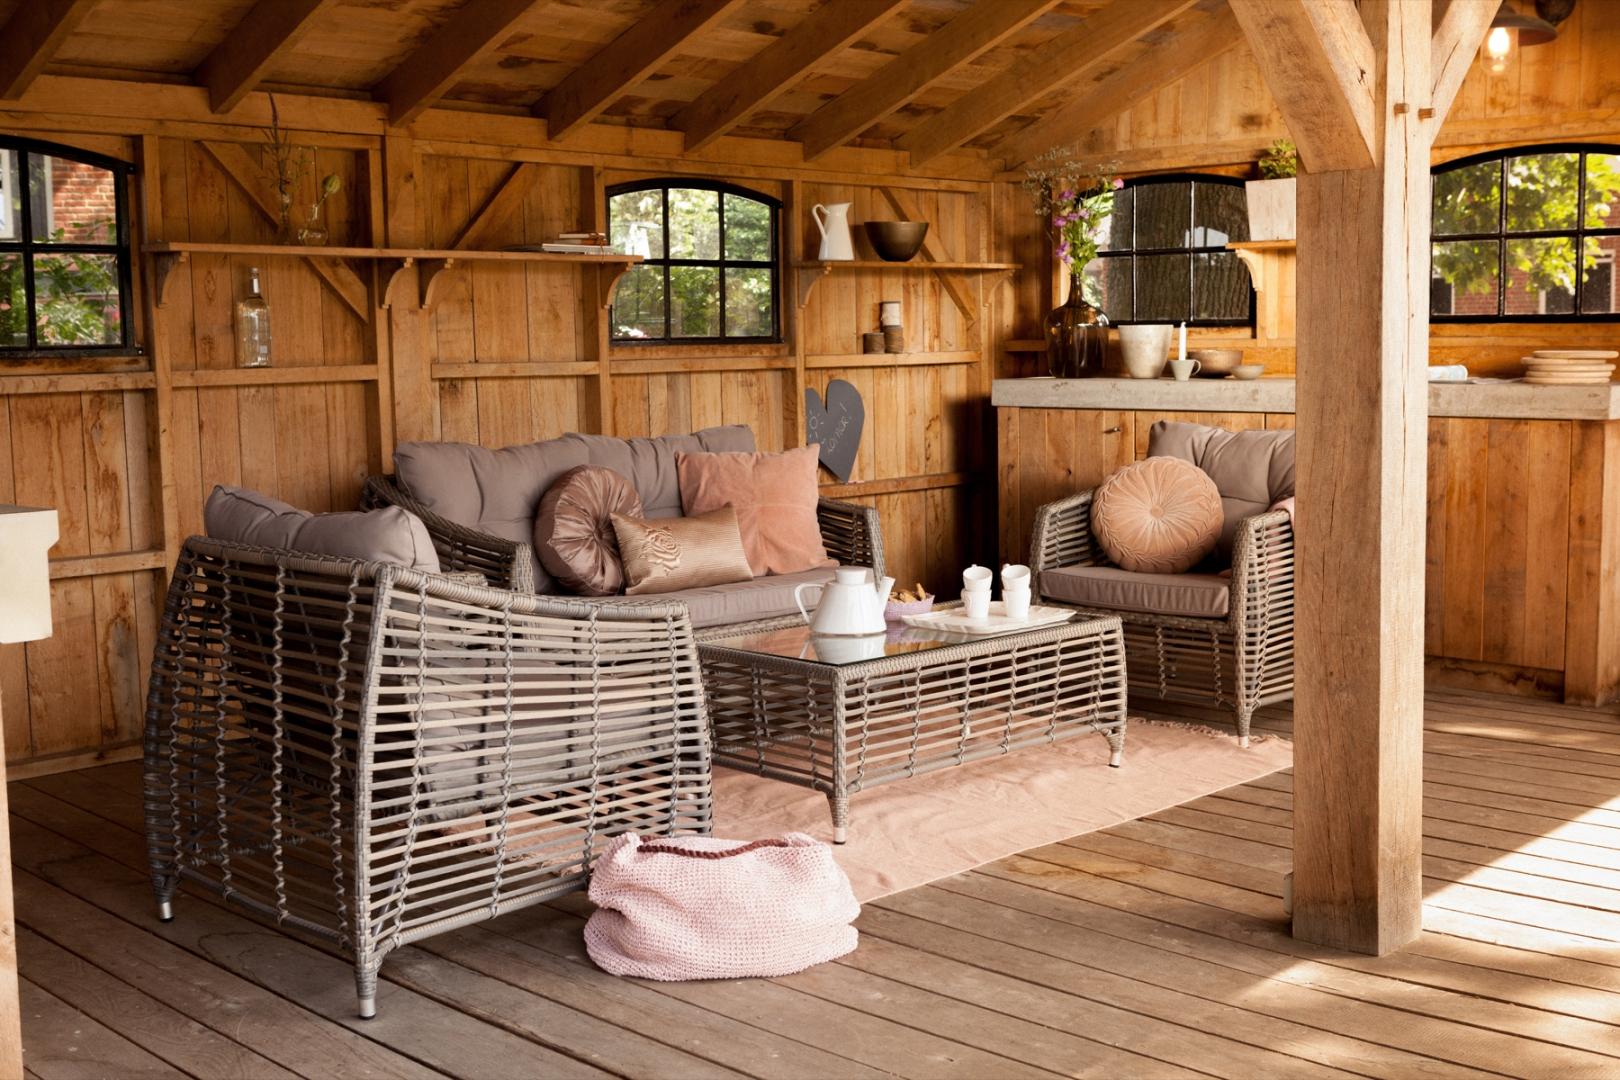 Tuin inspiratie tips voor het inrichten van jouw veranda stijlvol styling woonblog - Gordijnen marokkaanse lounges fotos ...